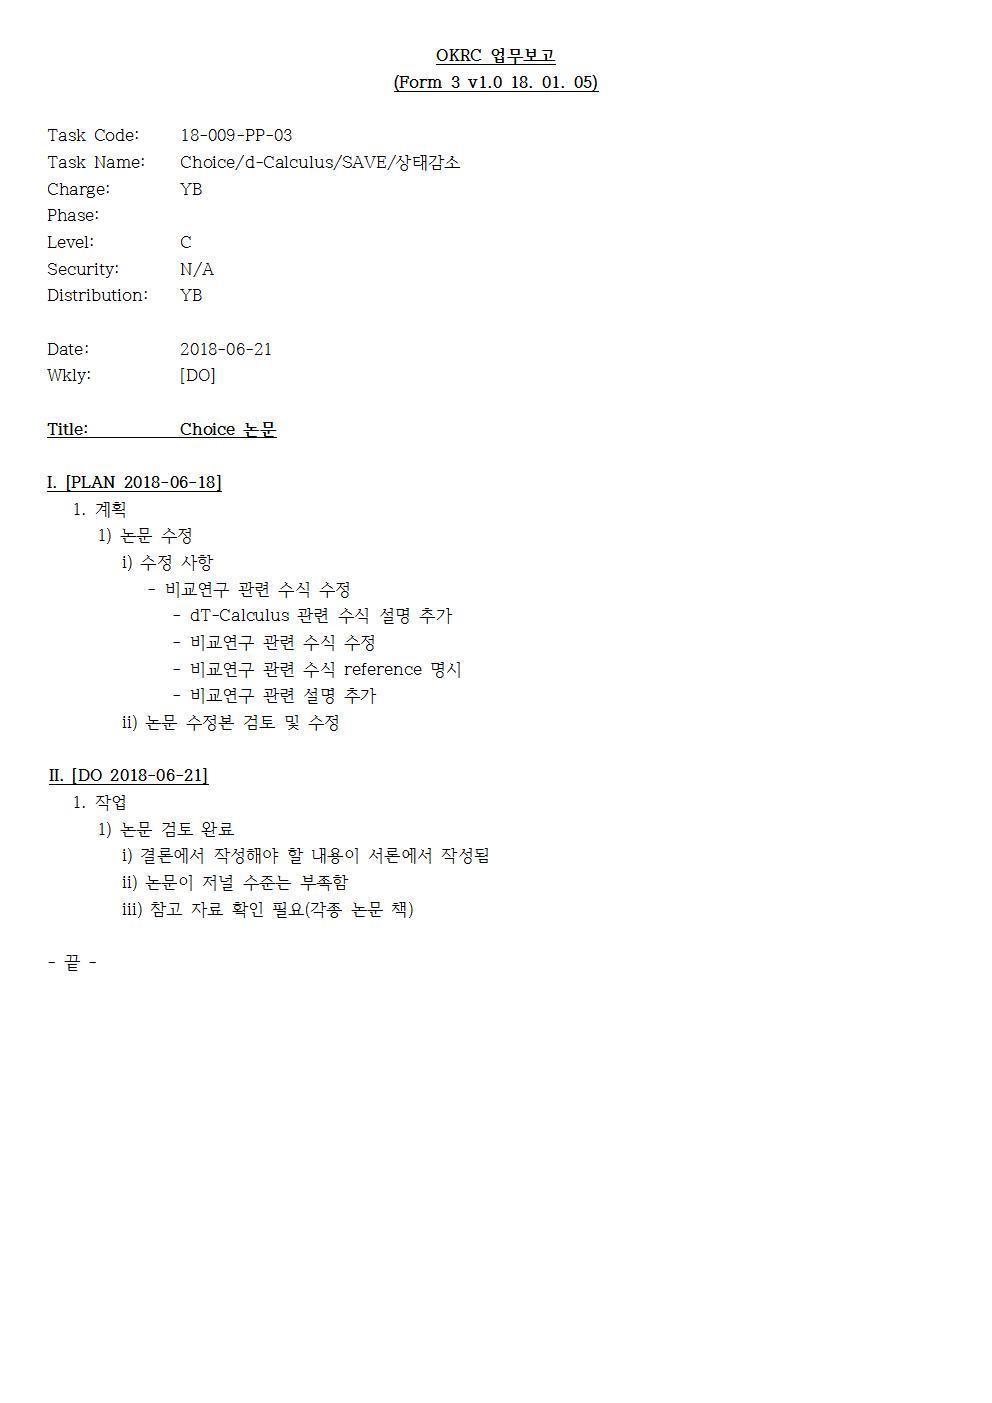 D-[18-009-PP-03]-[Choice]-[2018-06-21][YB]001.jpg